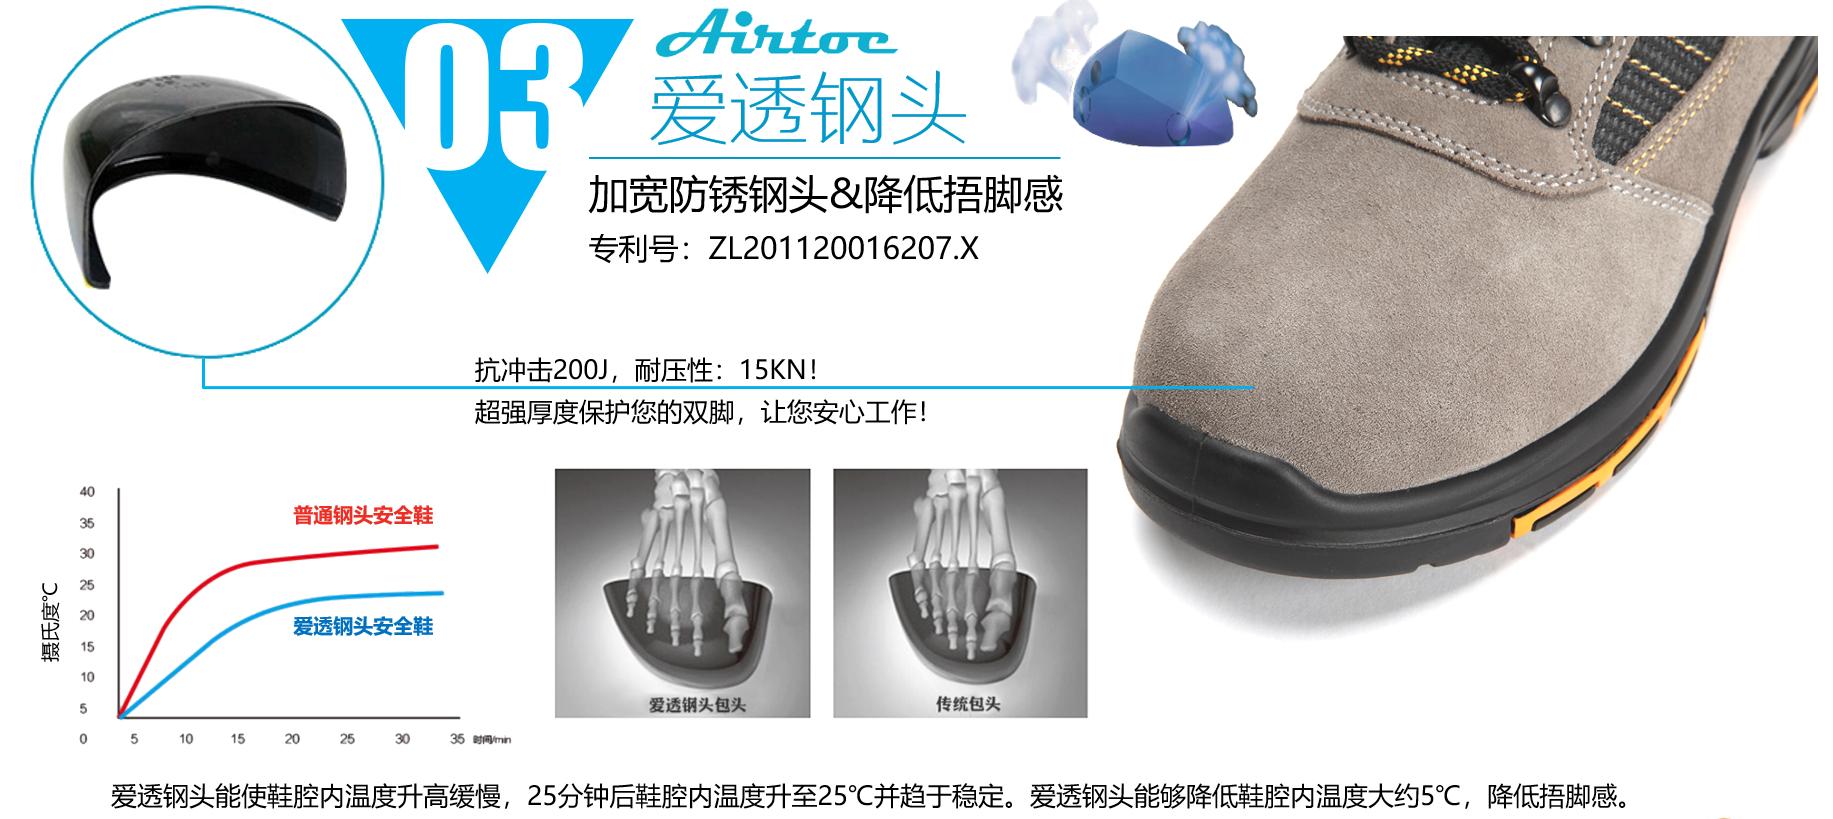 吉豹X5315S橡胶PU安全鞋